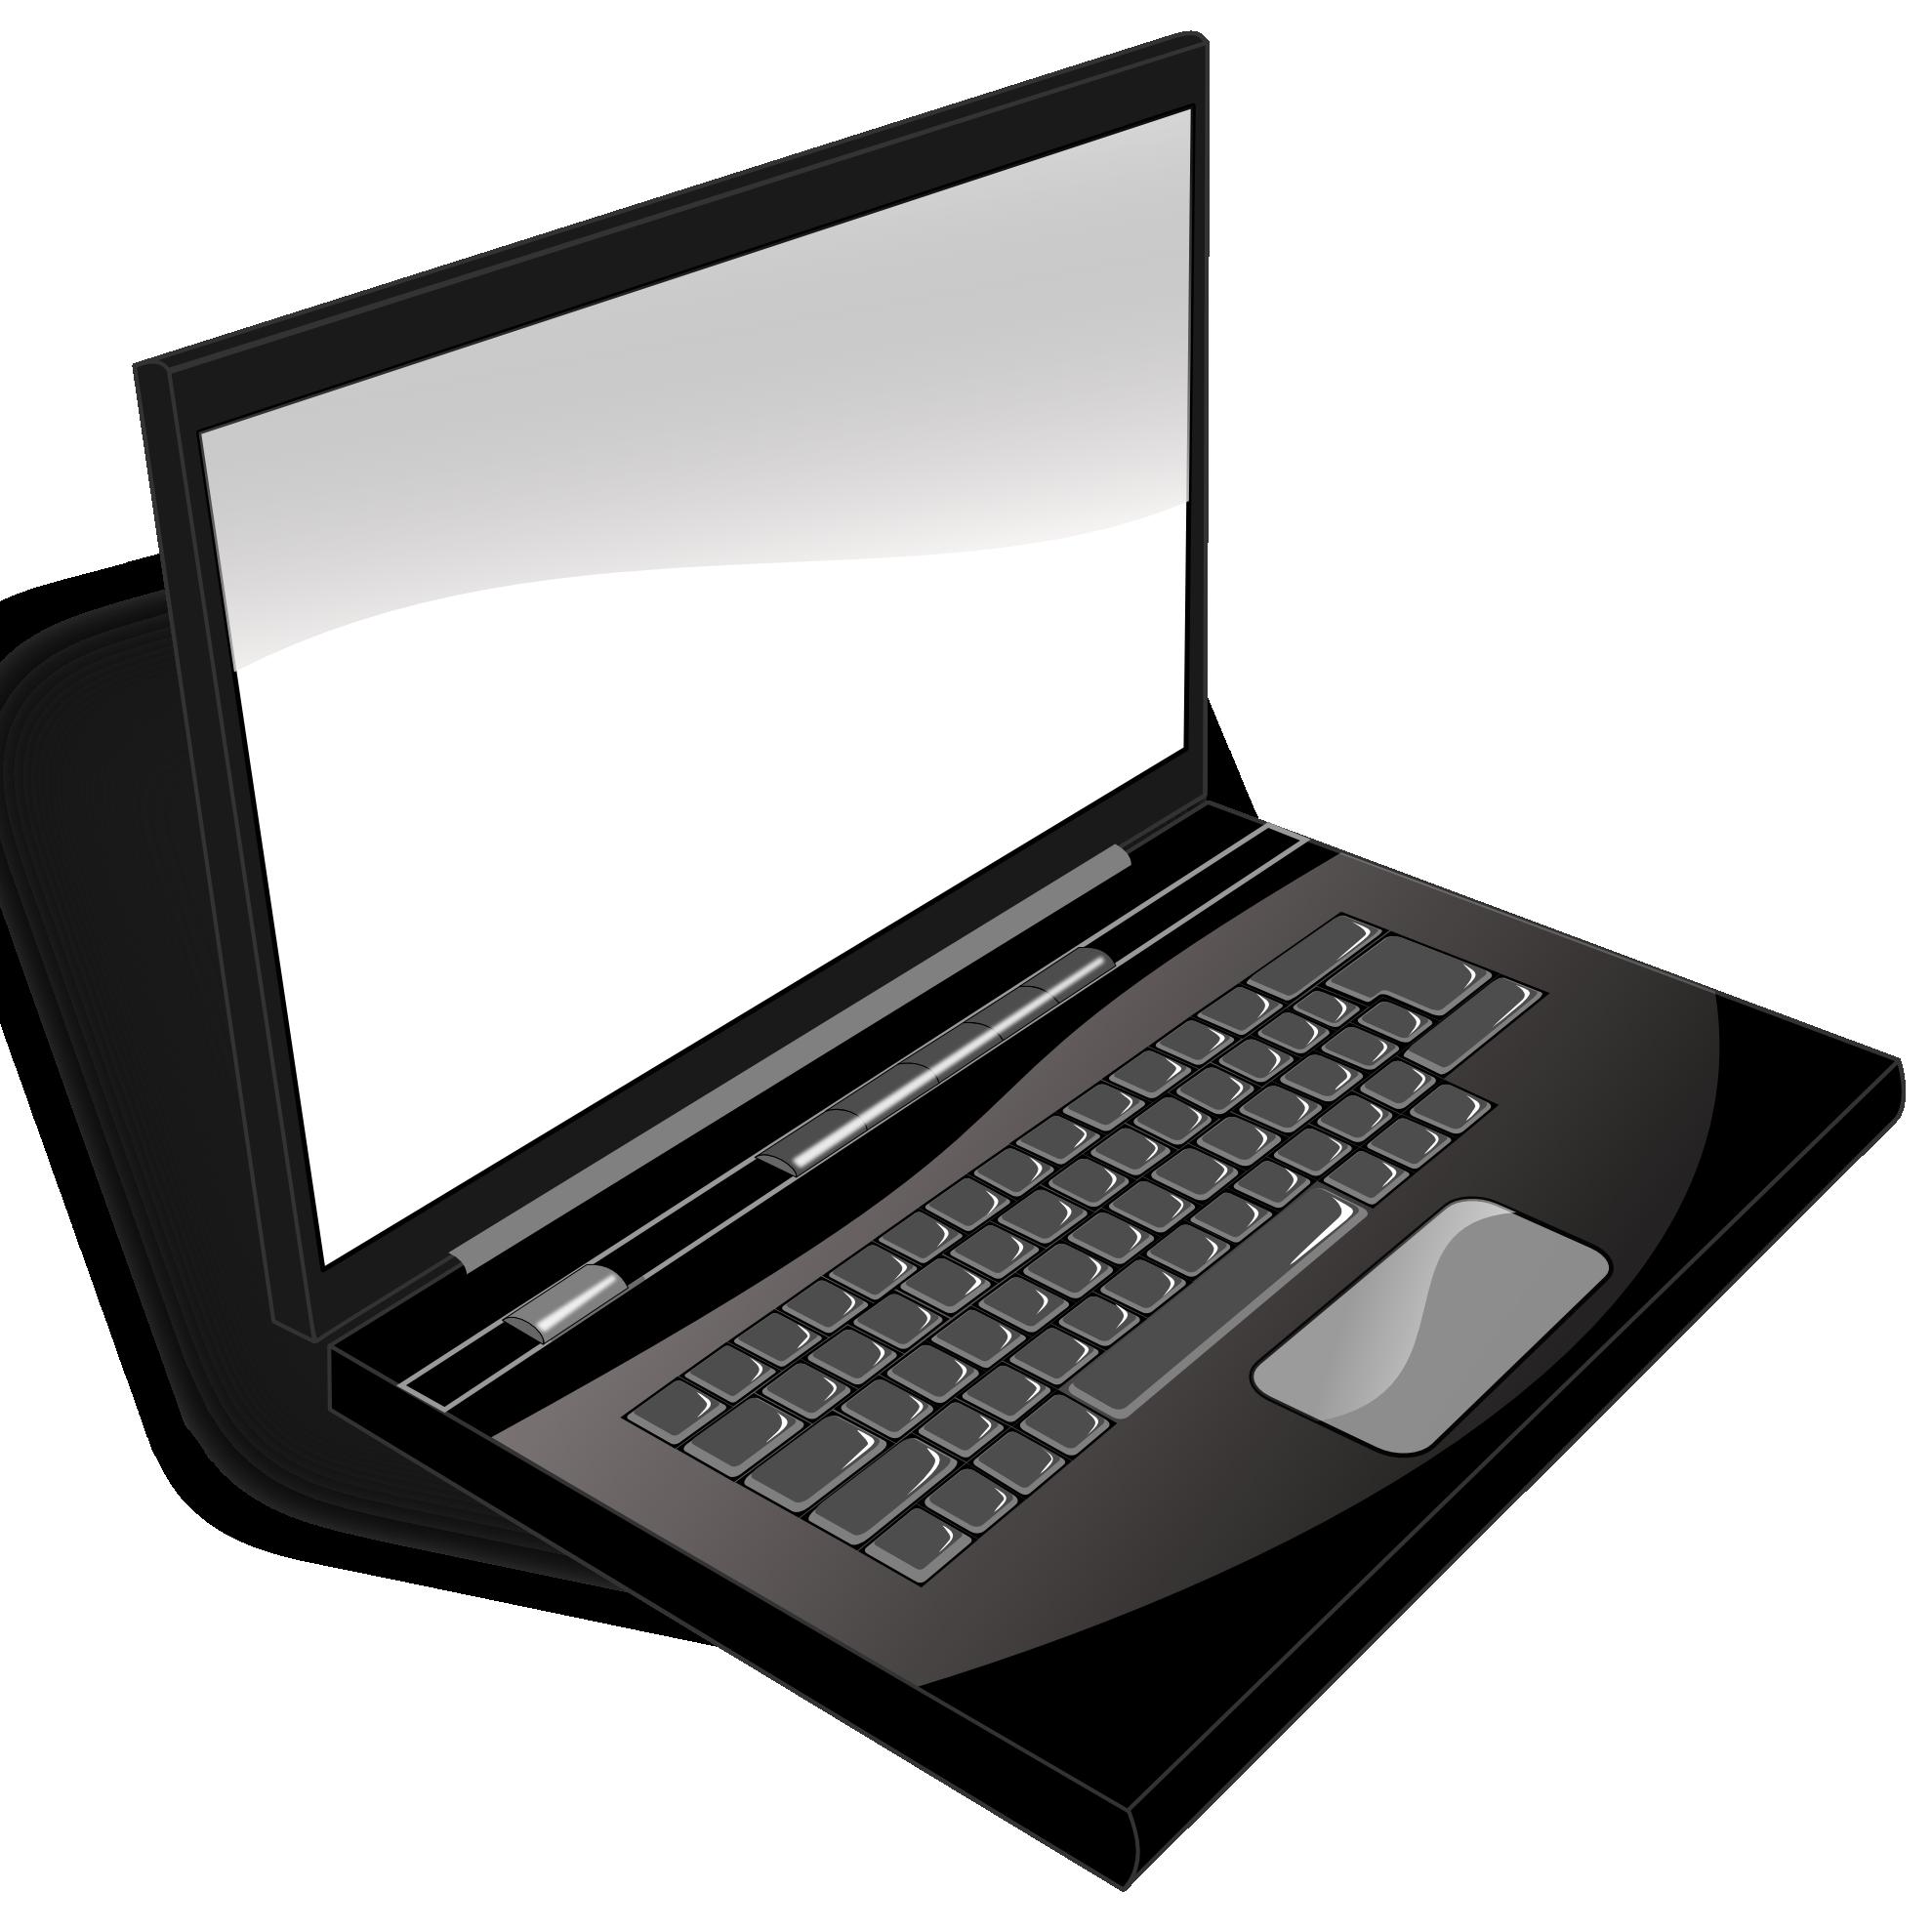 Laptop Clipart-laptop clipart-9